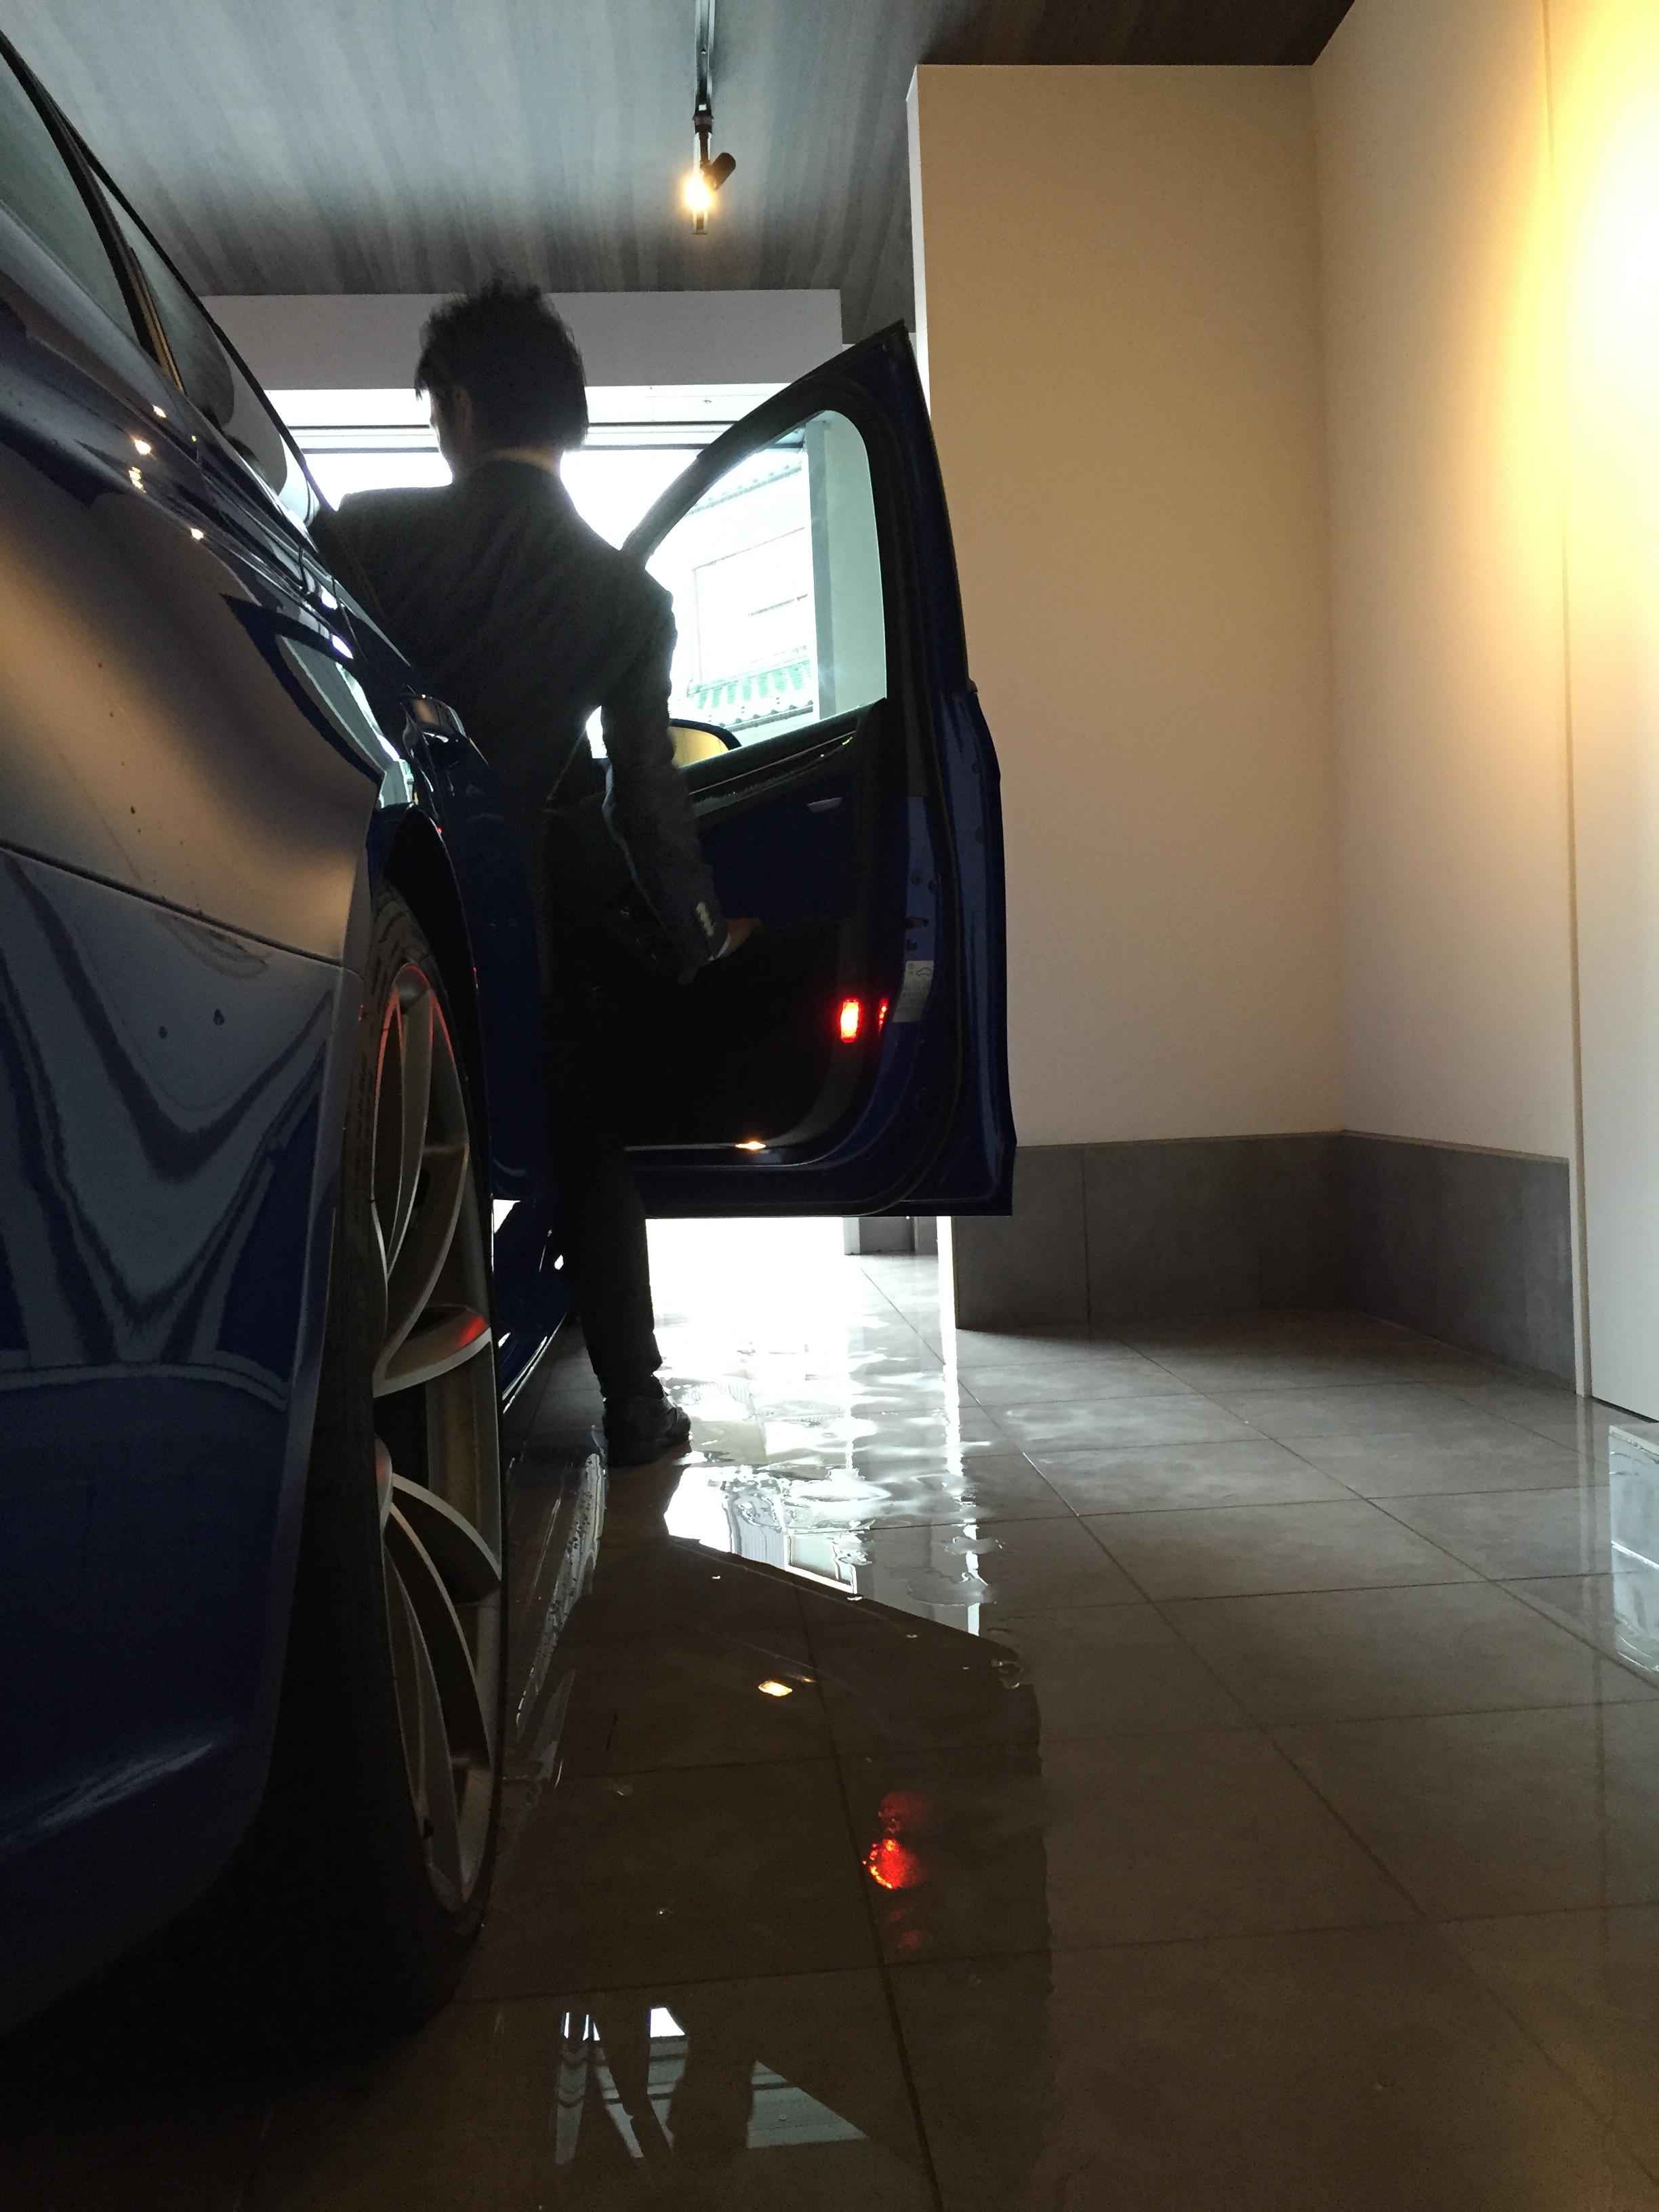 賃貸 ガレージハウス INCELL インセル Audi アウディ